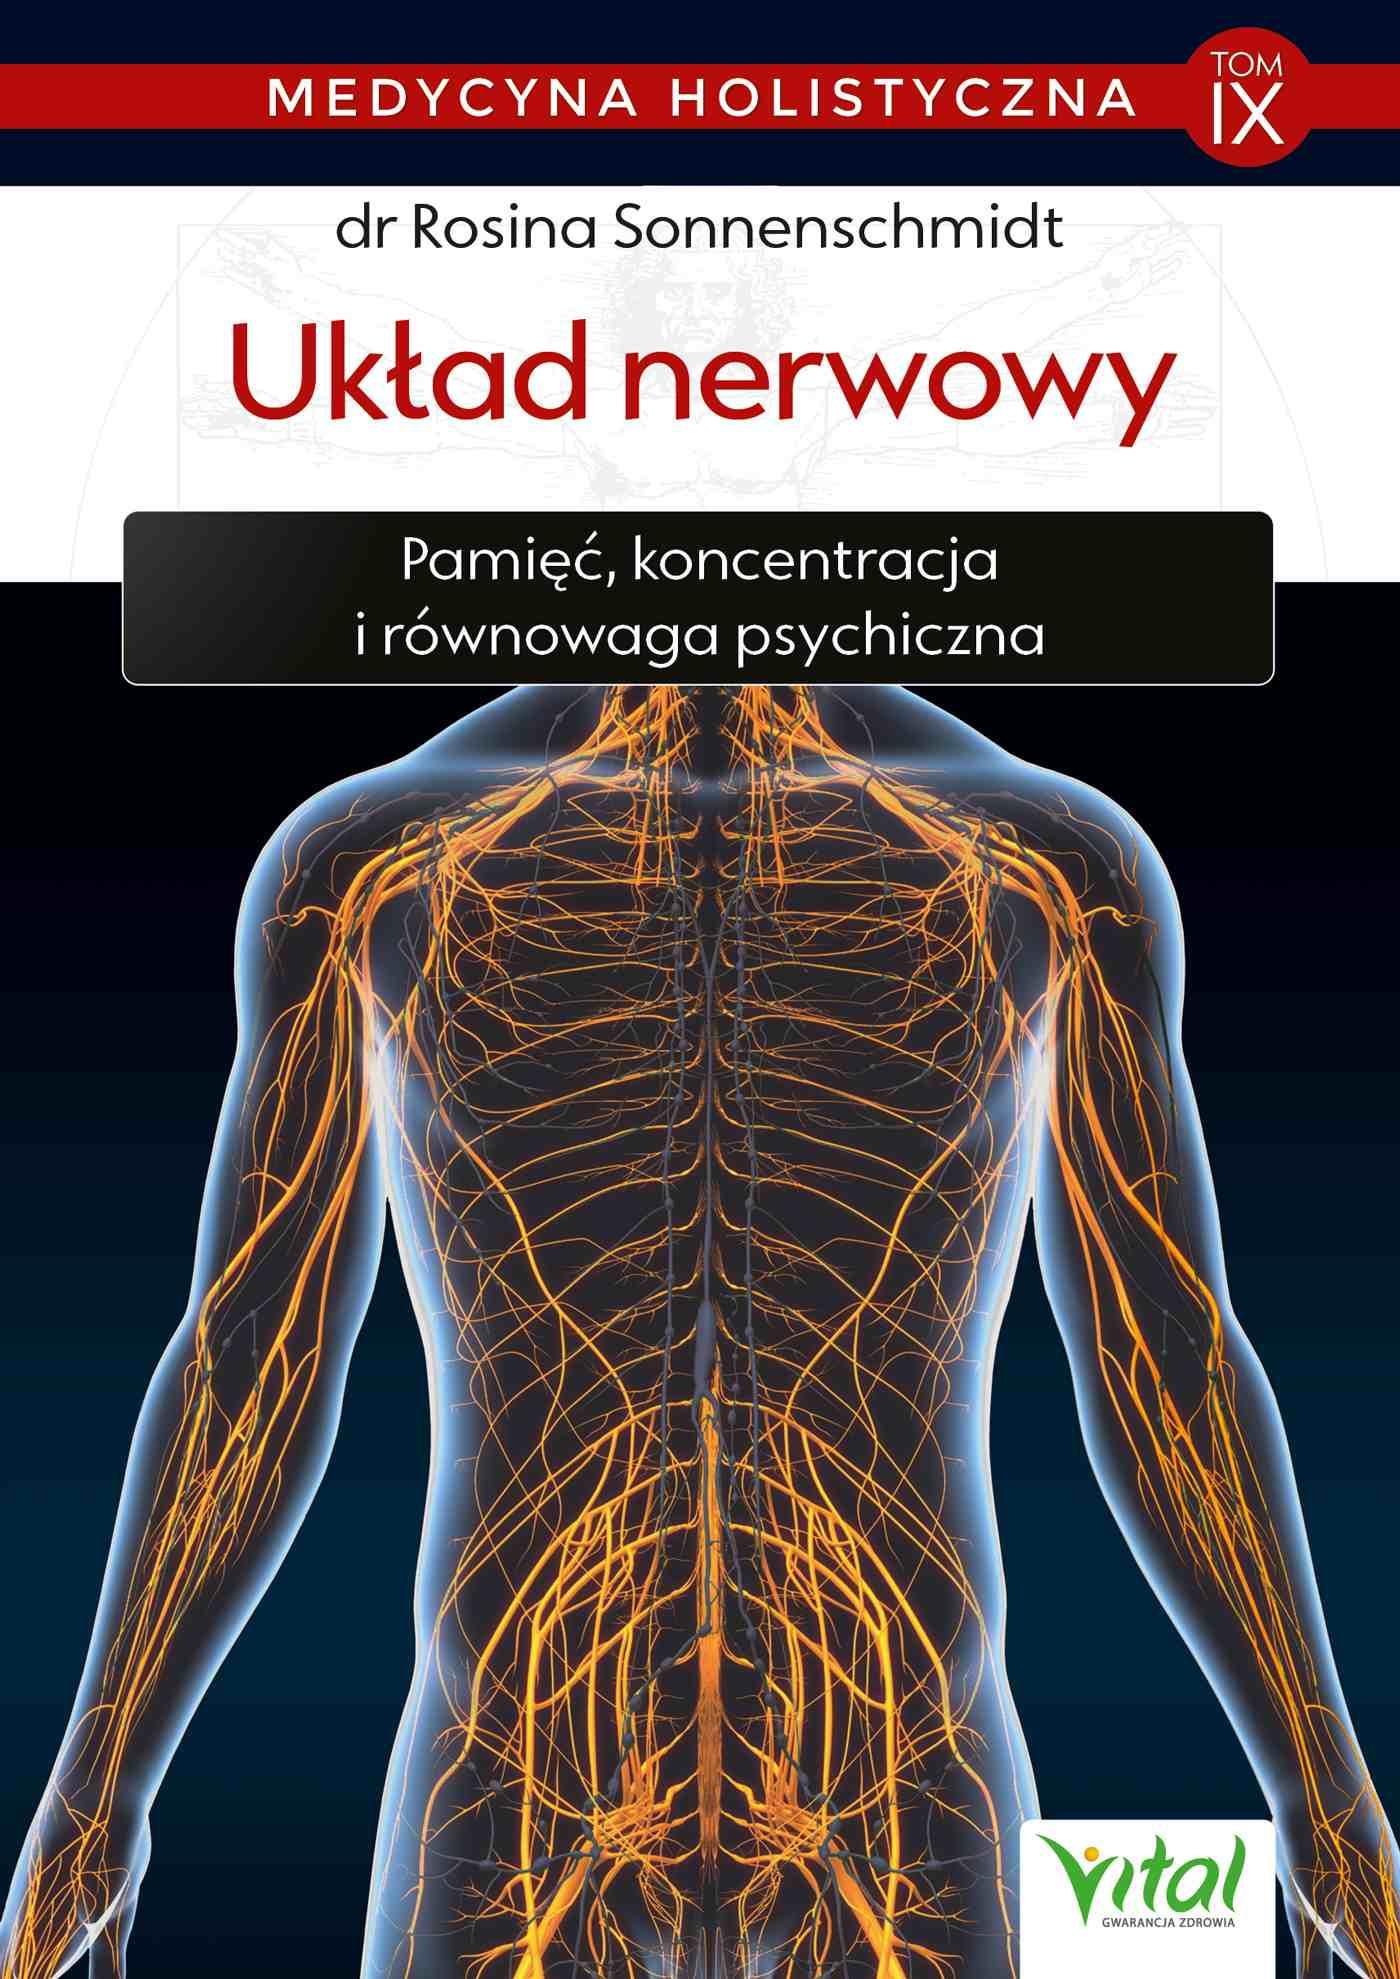 układ nerwowy układ nerwowy penis